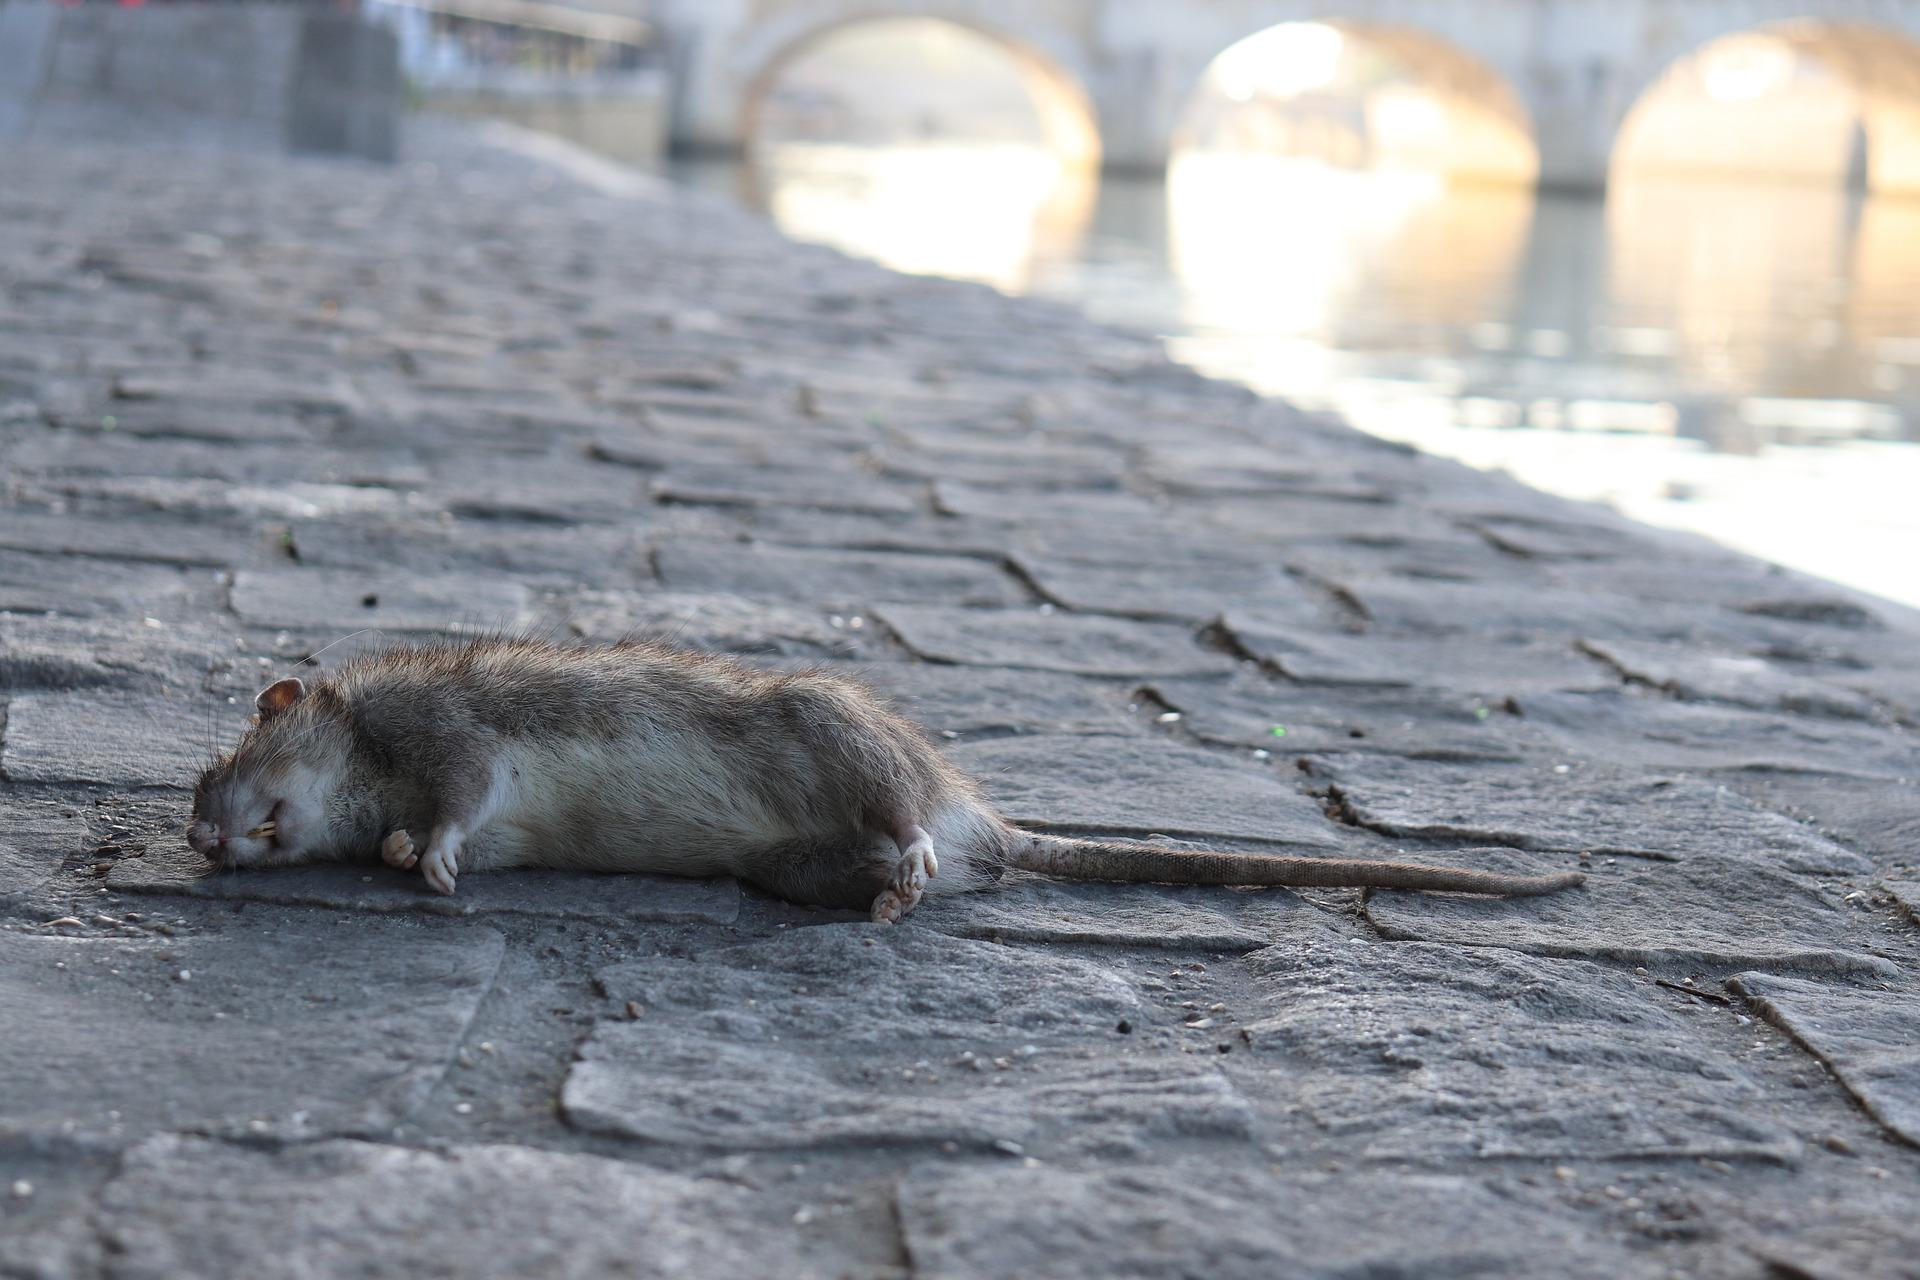 Trou de Rat dans le Sol - Que Faire Conte les Rats Taupiers